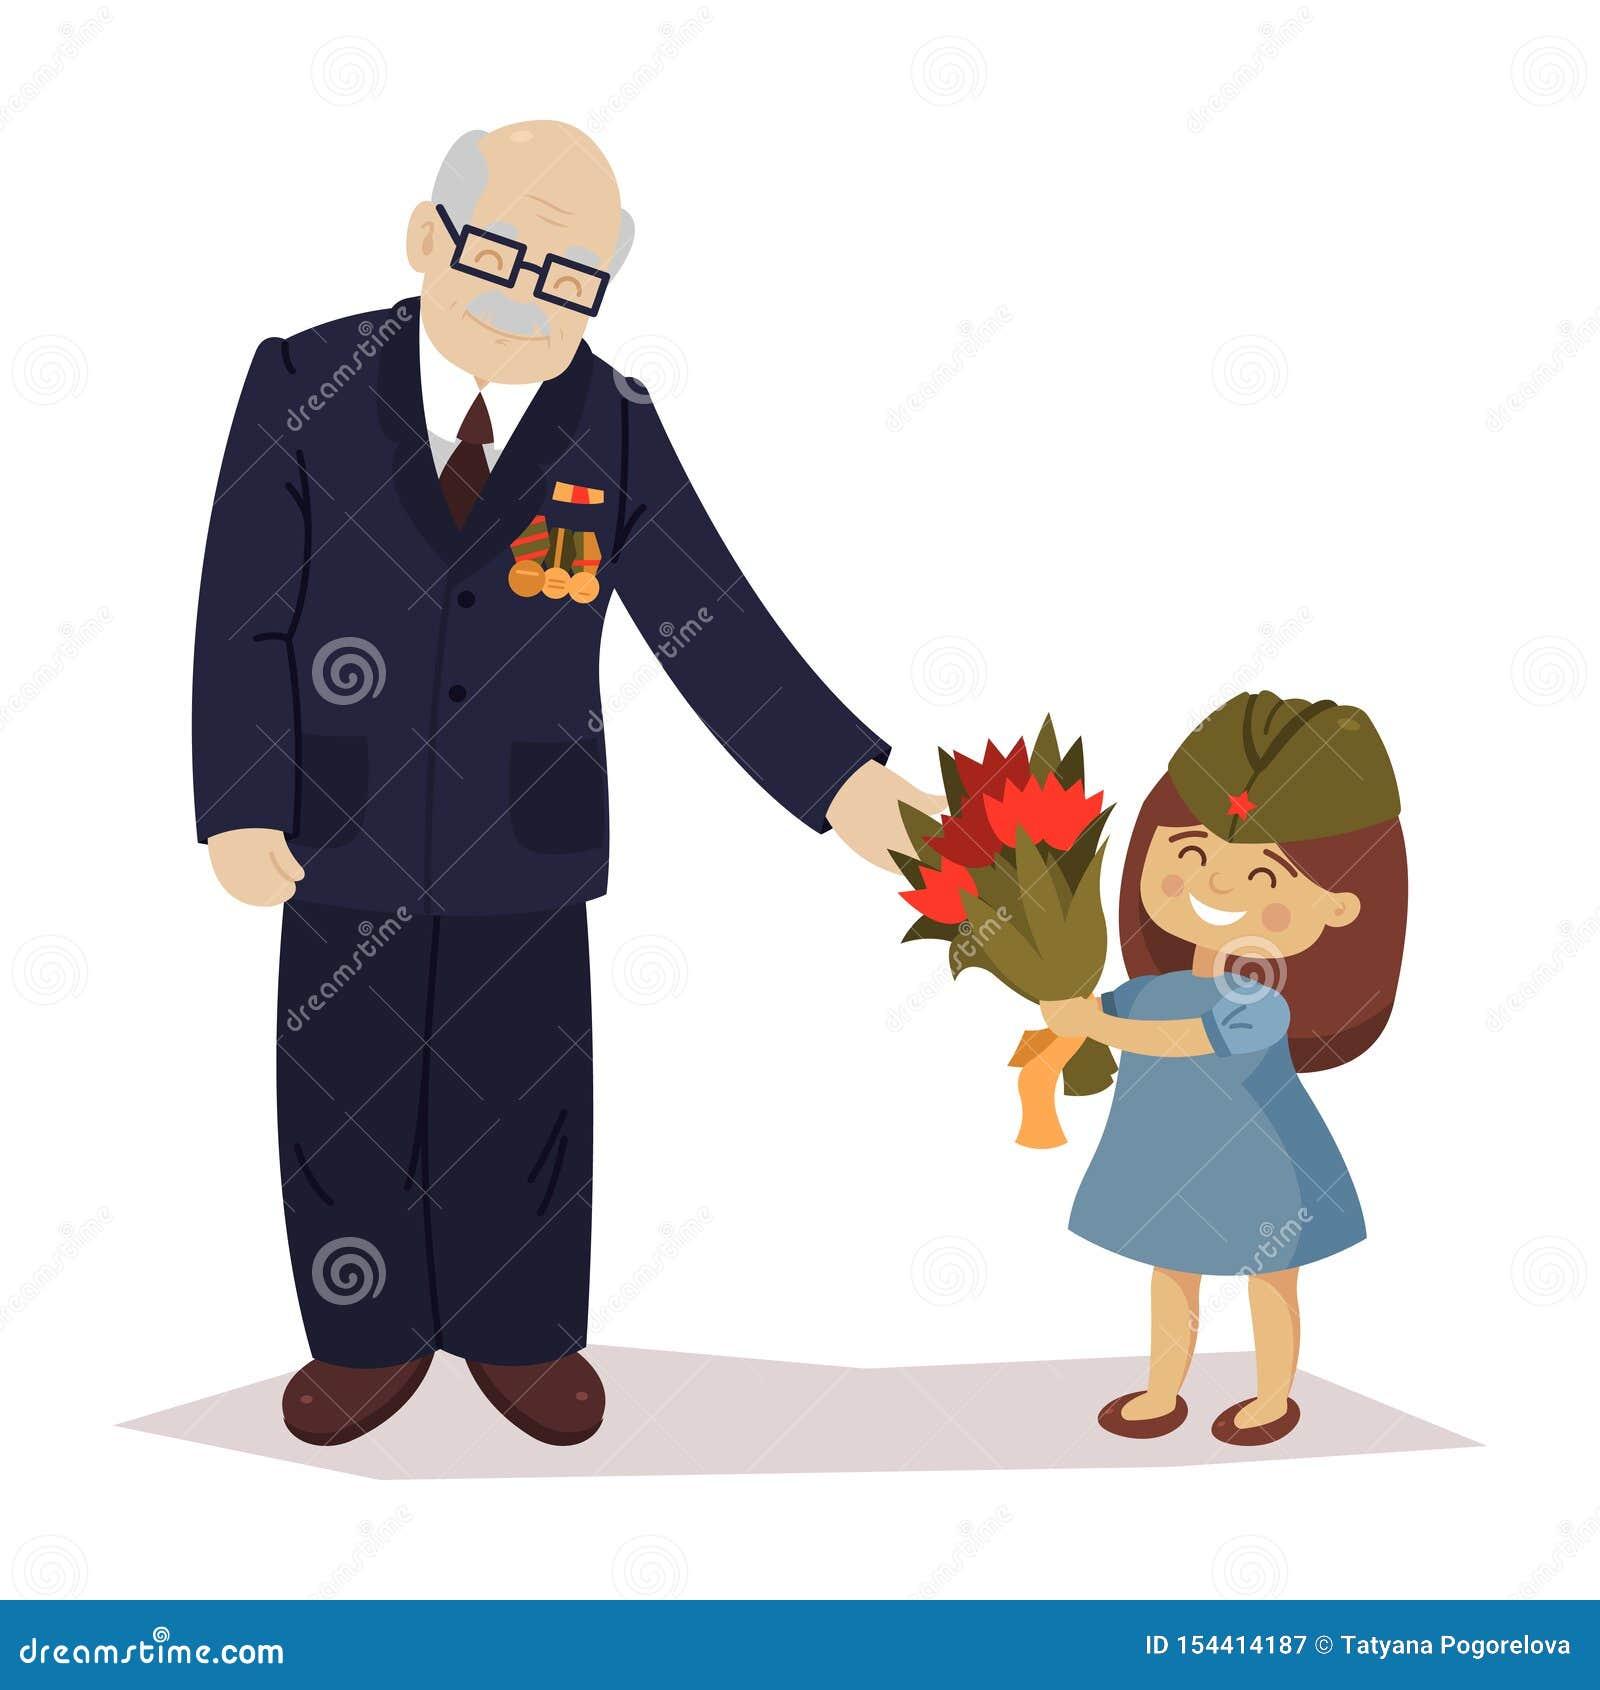 La Fille Donne Des Fleurs Au Vétéran 9 Mai Jour De Victoire